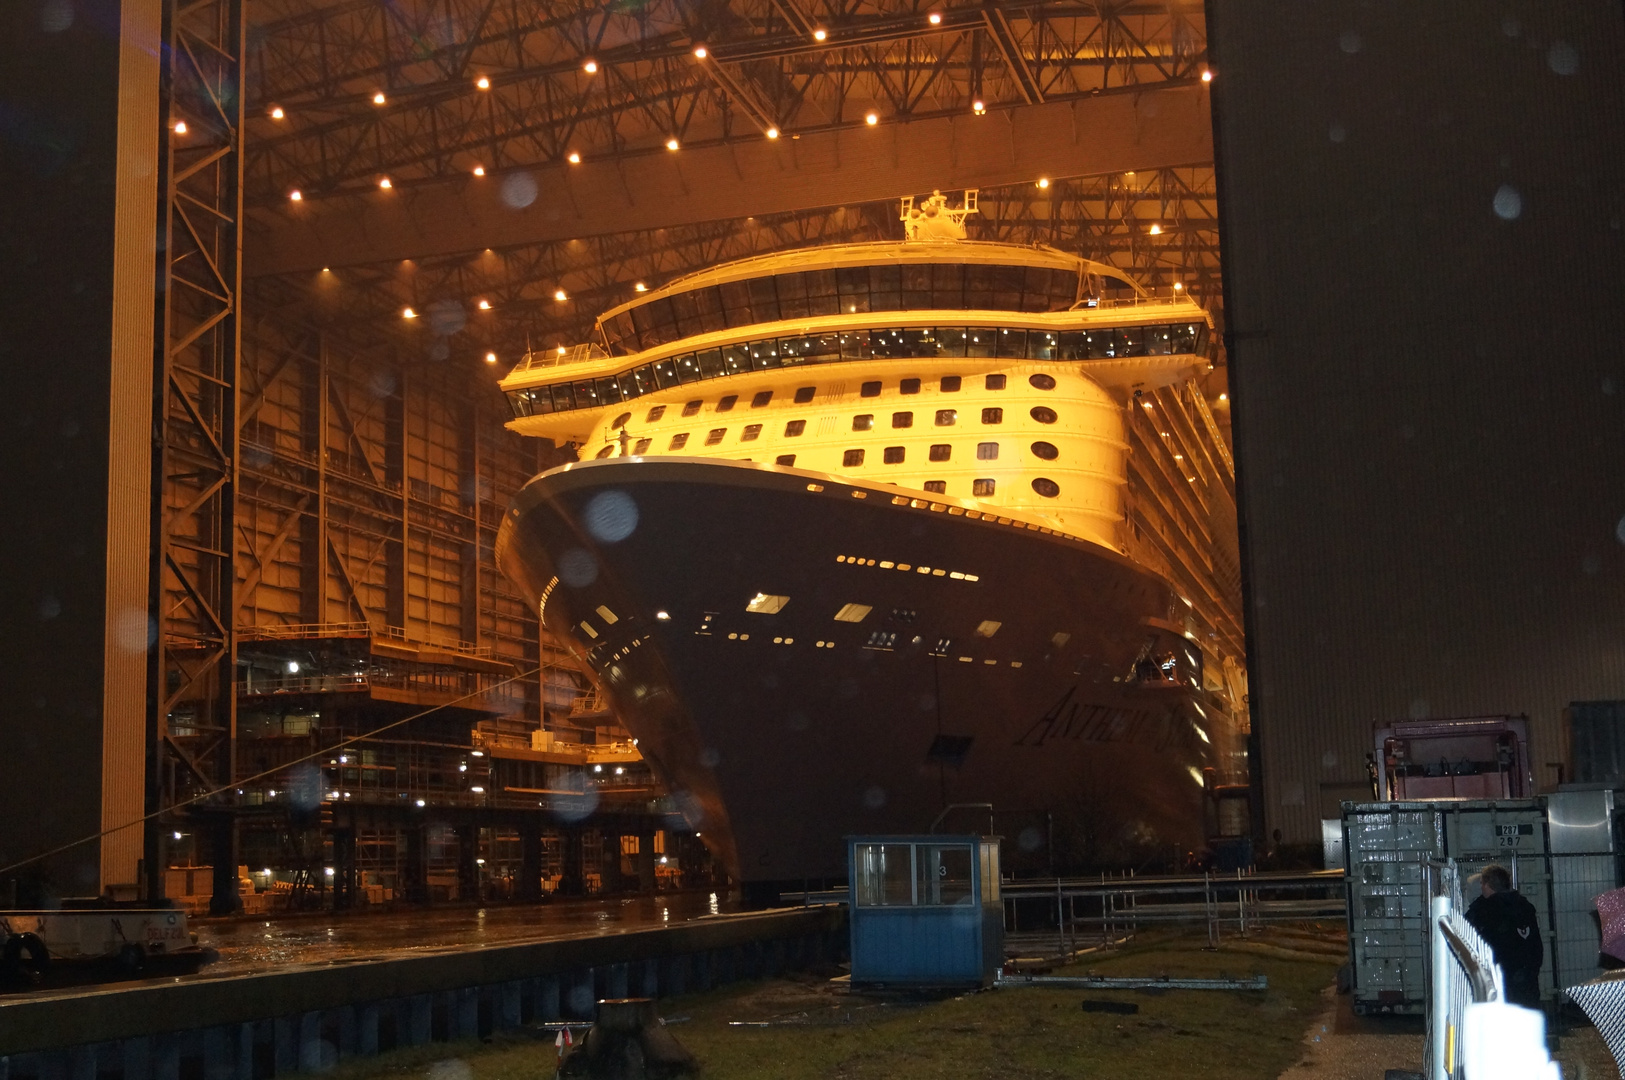 Ausdocken auf der Meyer Werft Teil 25 (letztes Foto)